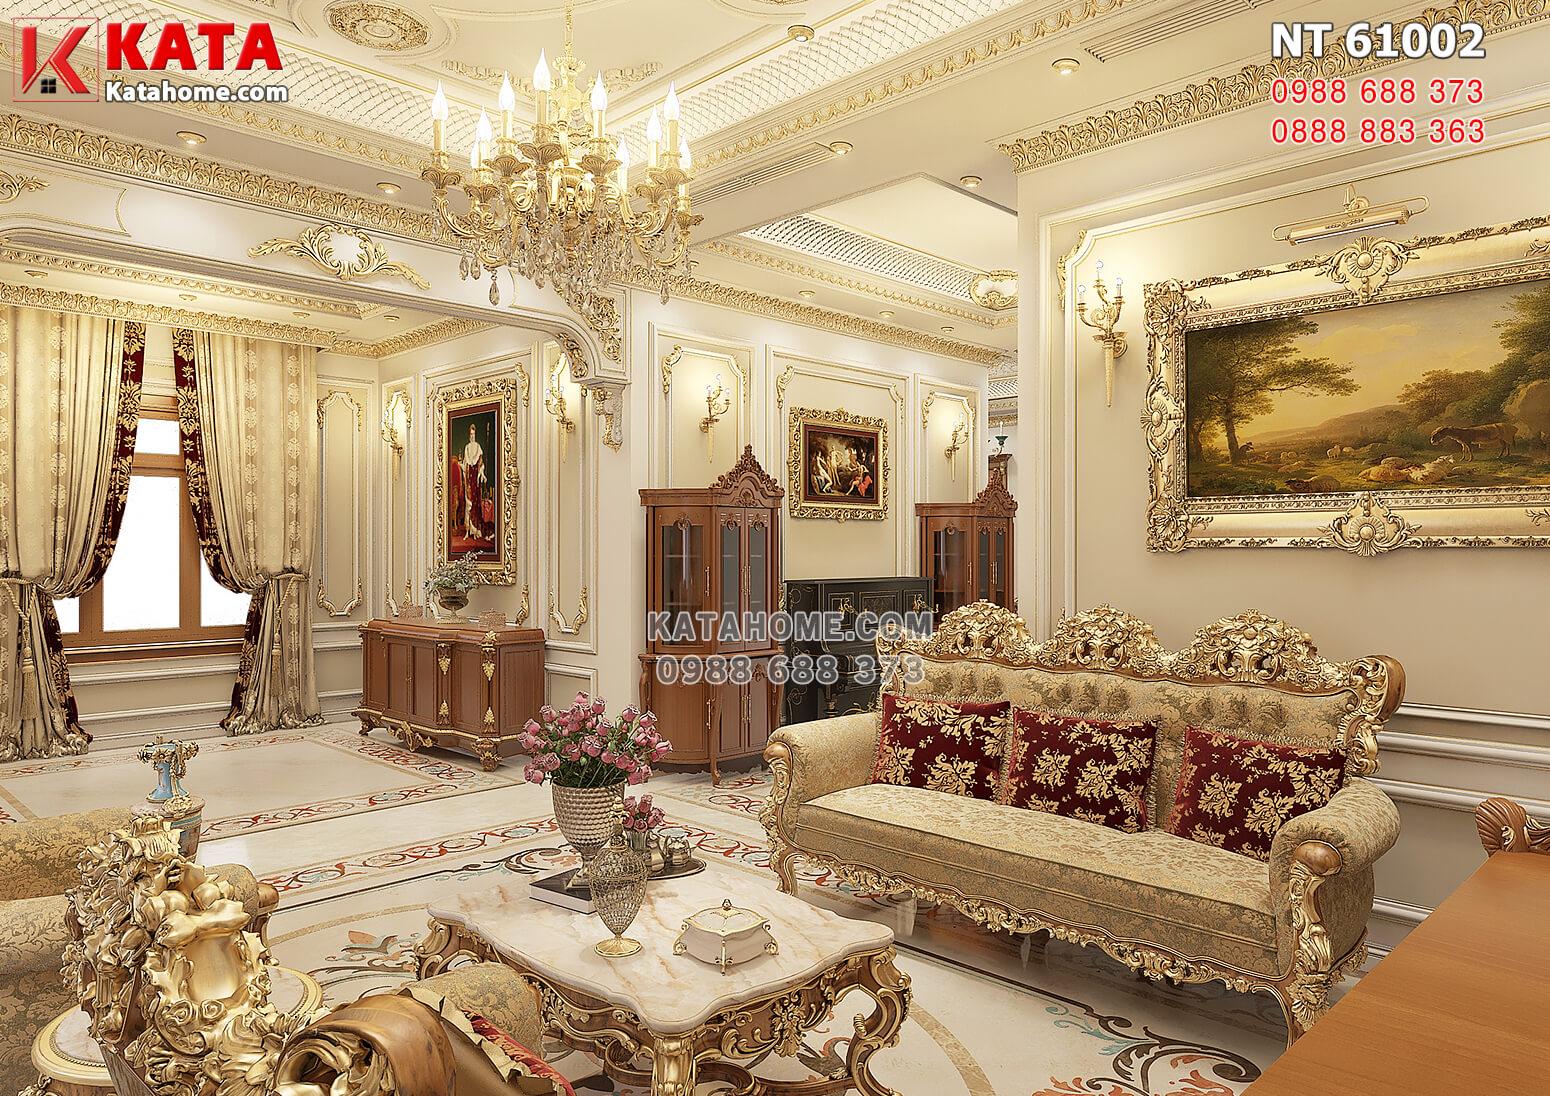 Hình ảnh: Vẻ đẹp hoàn mỹ của không gian nội thất phòng khách tân cổ điển